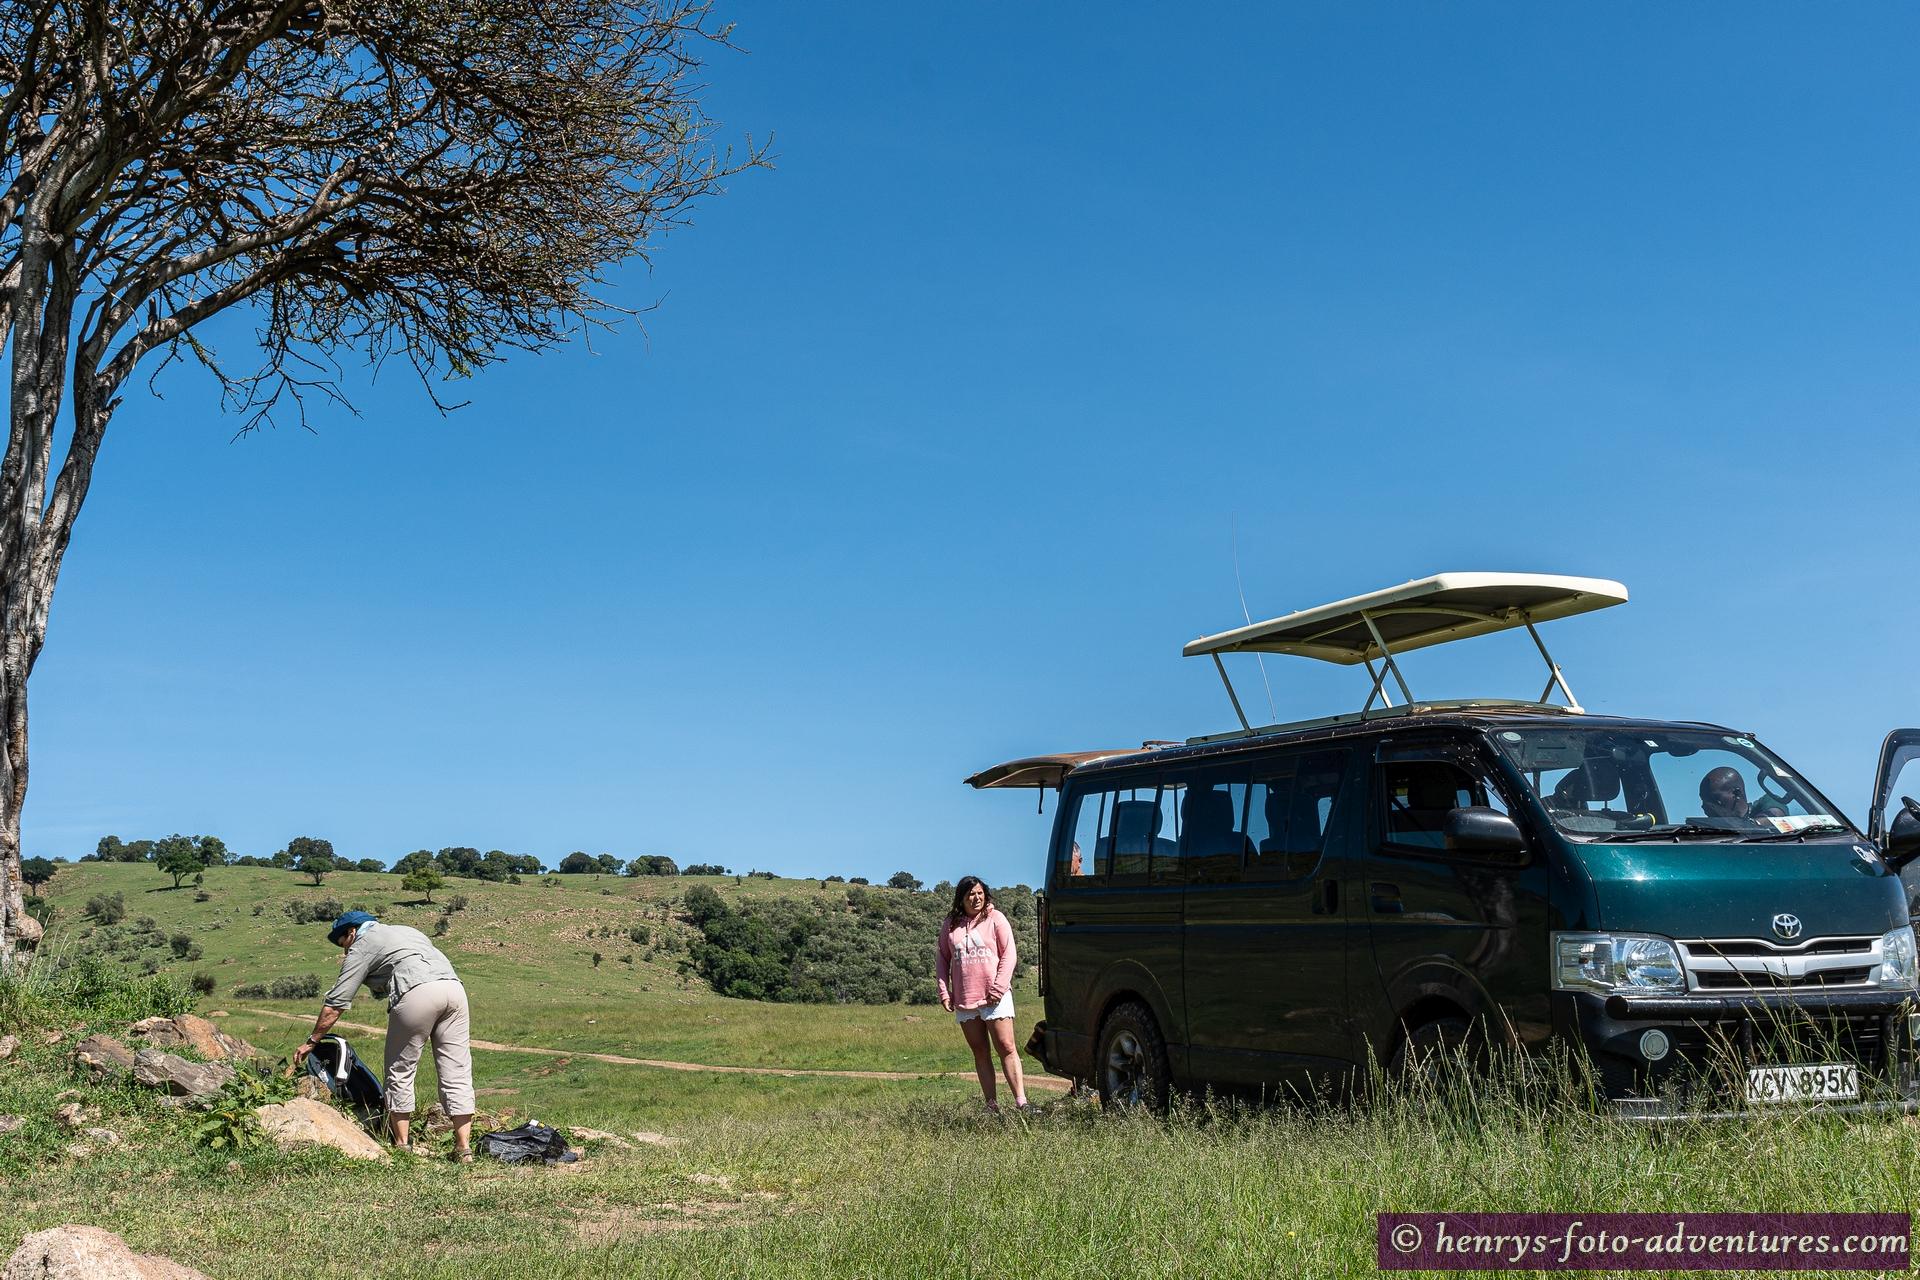 auf einem ruhigen Hügel machen wir unser Breakfast Picknick